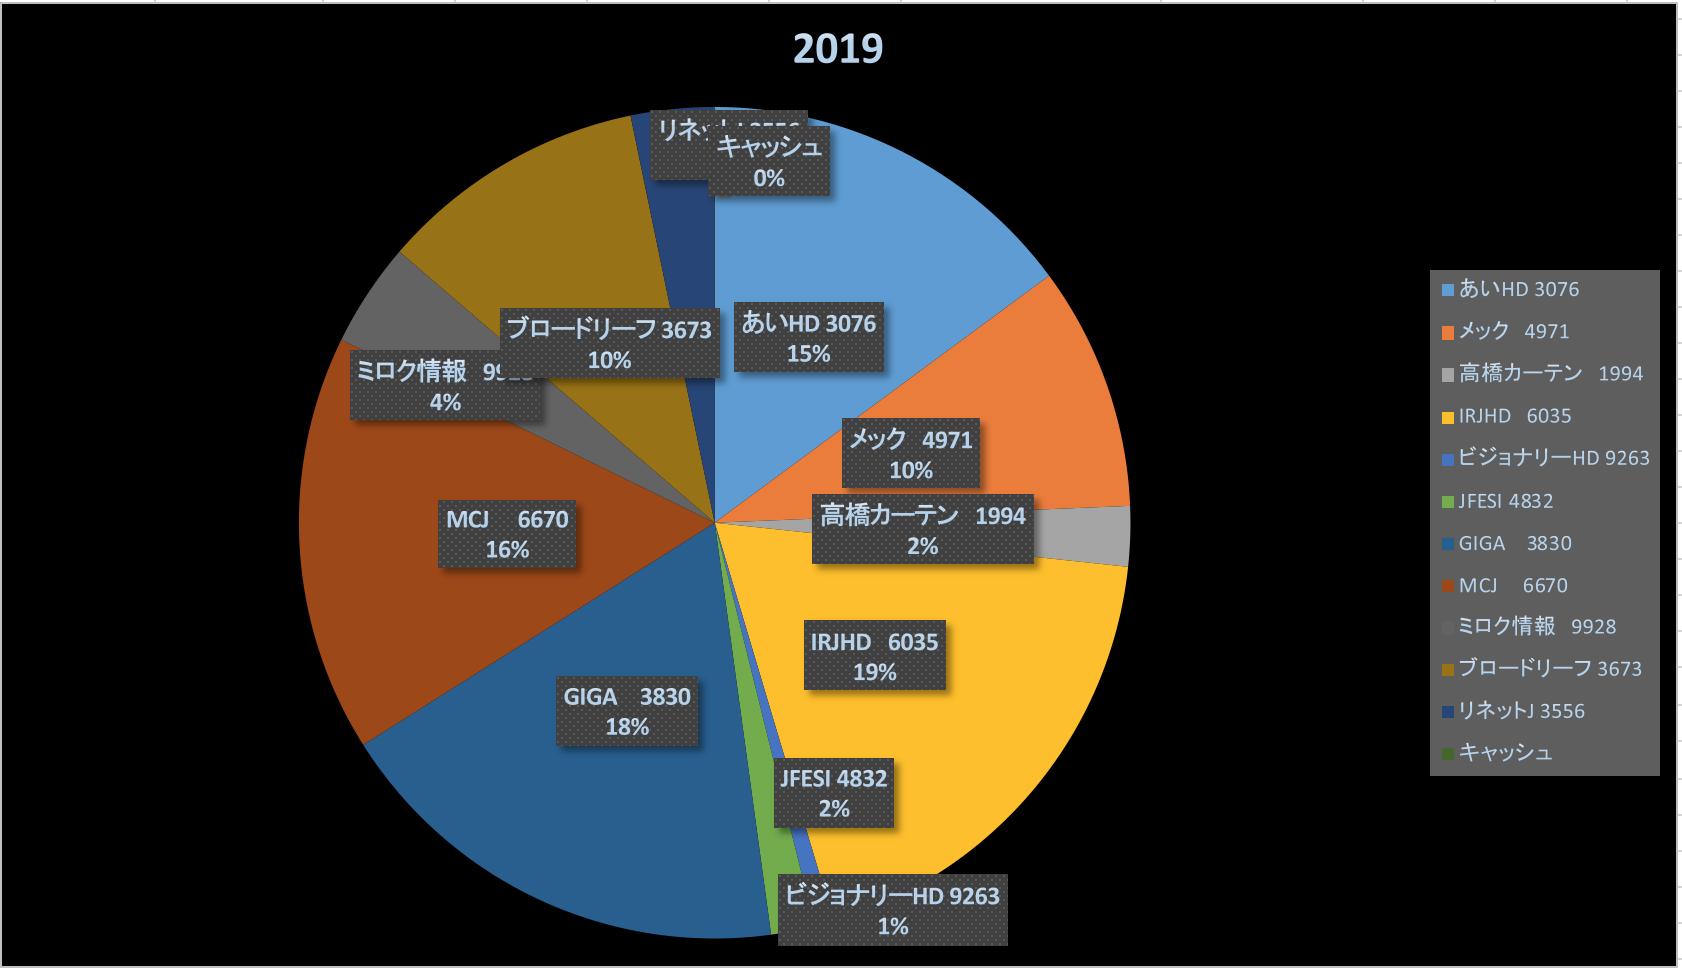 イナゴは救えない(株式投資成績報告2019/7/15)